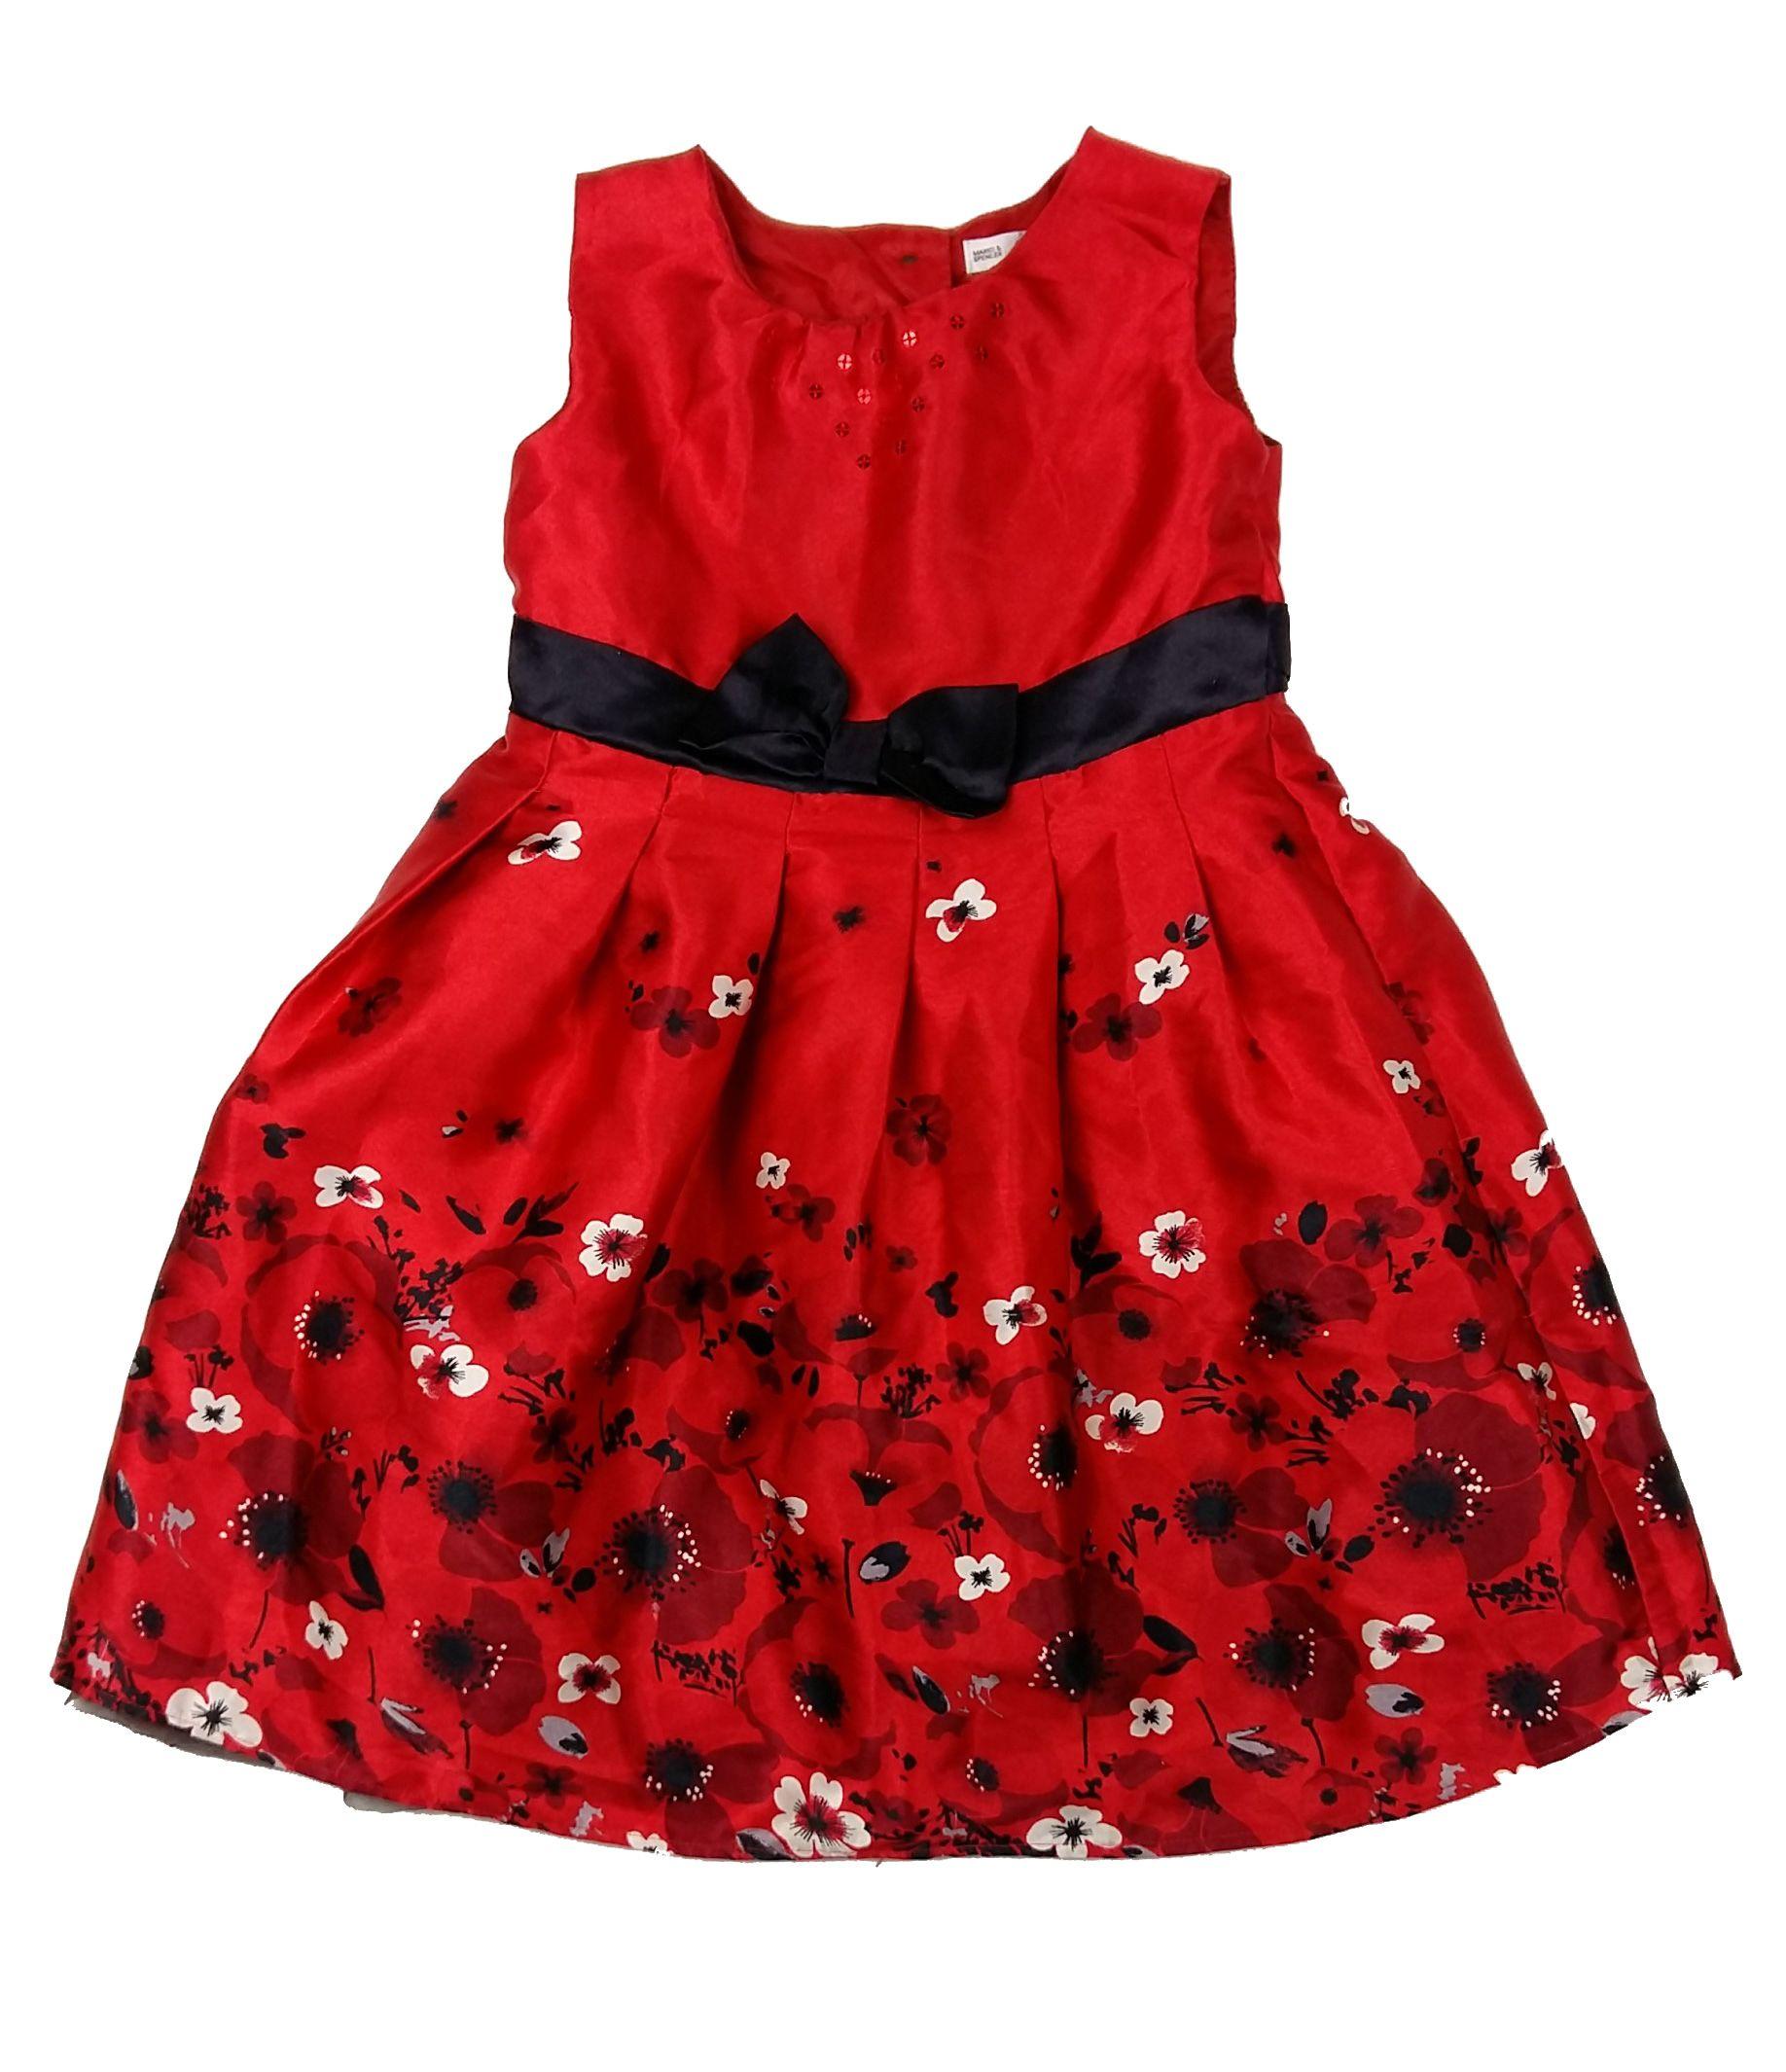 7cc19b0054 Piros virágos alkalmi ruha (110) - 104-110 (3-5 év) - Minőségi angol  használt és új gyerekruhák